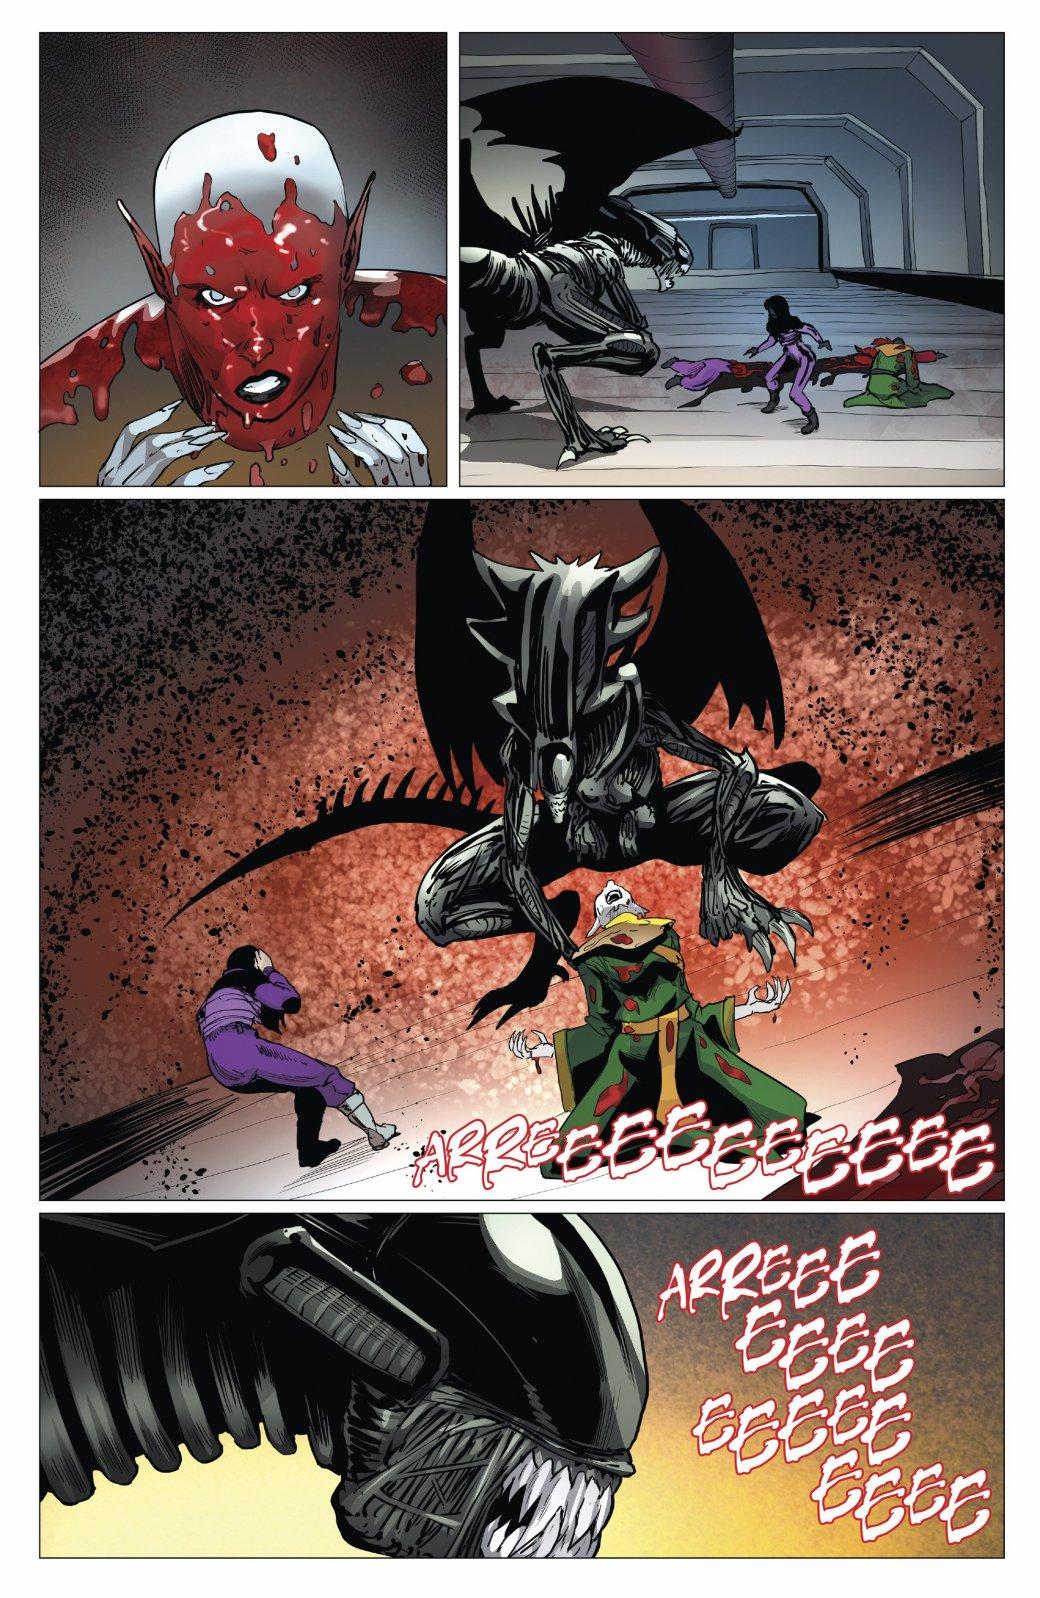 Бэтмен против Чужого?! Безумные комикс-кроссоверы сксеноморфами | Канобу - Изображение 34